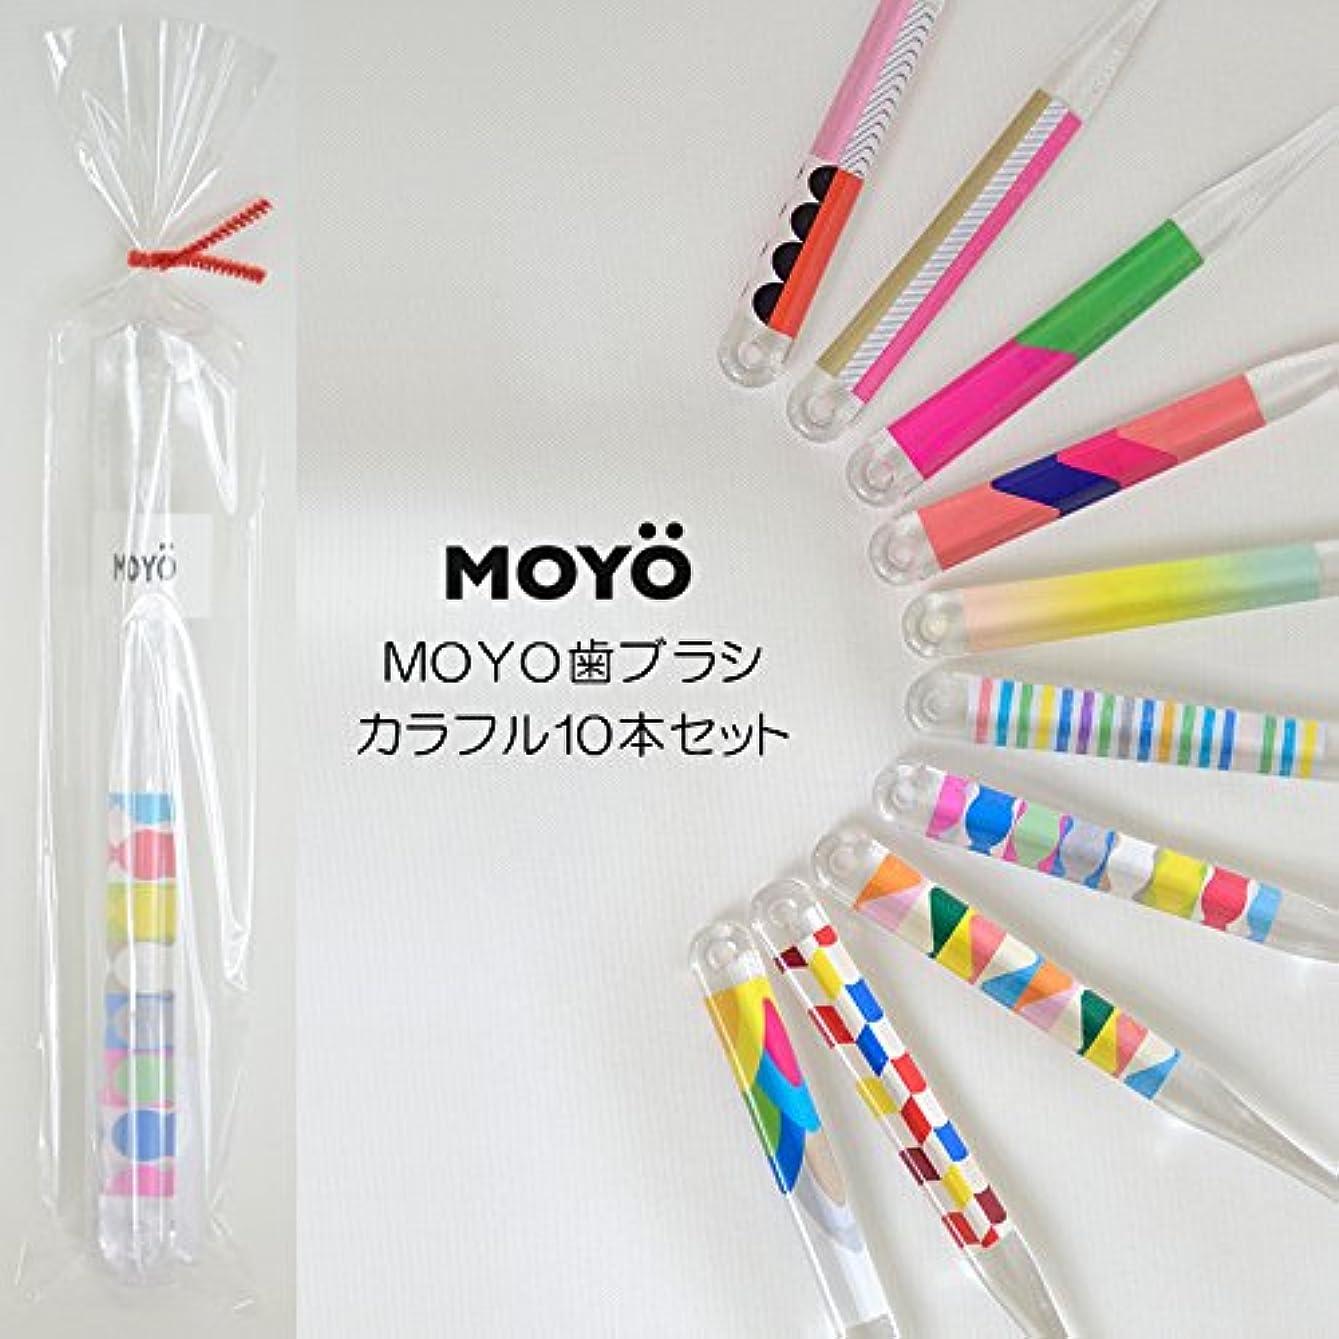 慢性的ディレクトリこどもセンターMOYO モヨウ カラフル10本 プチ ギフト セット_562302-colorful 【F】,カラフル10本セット